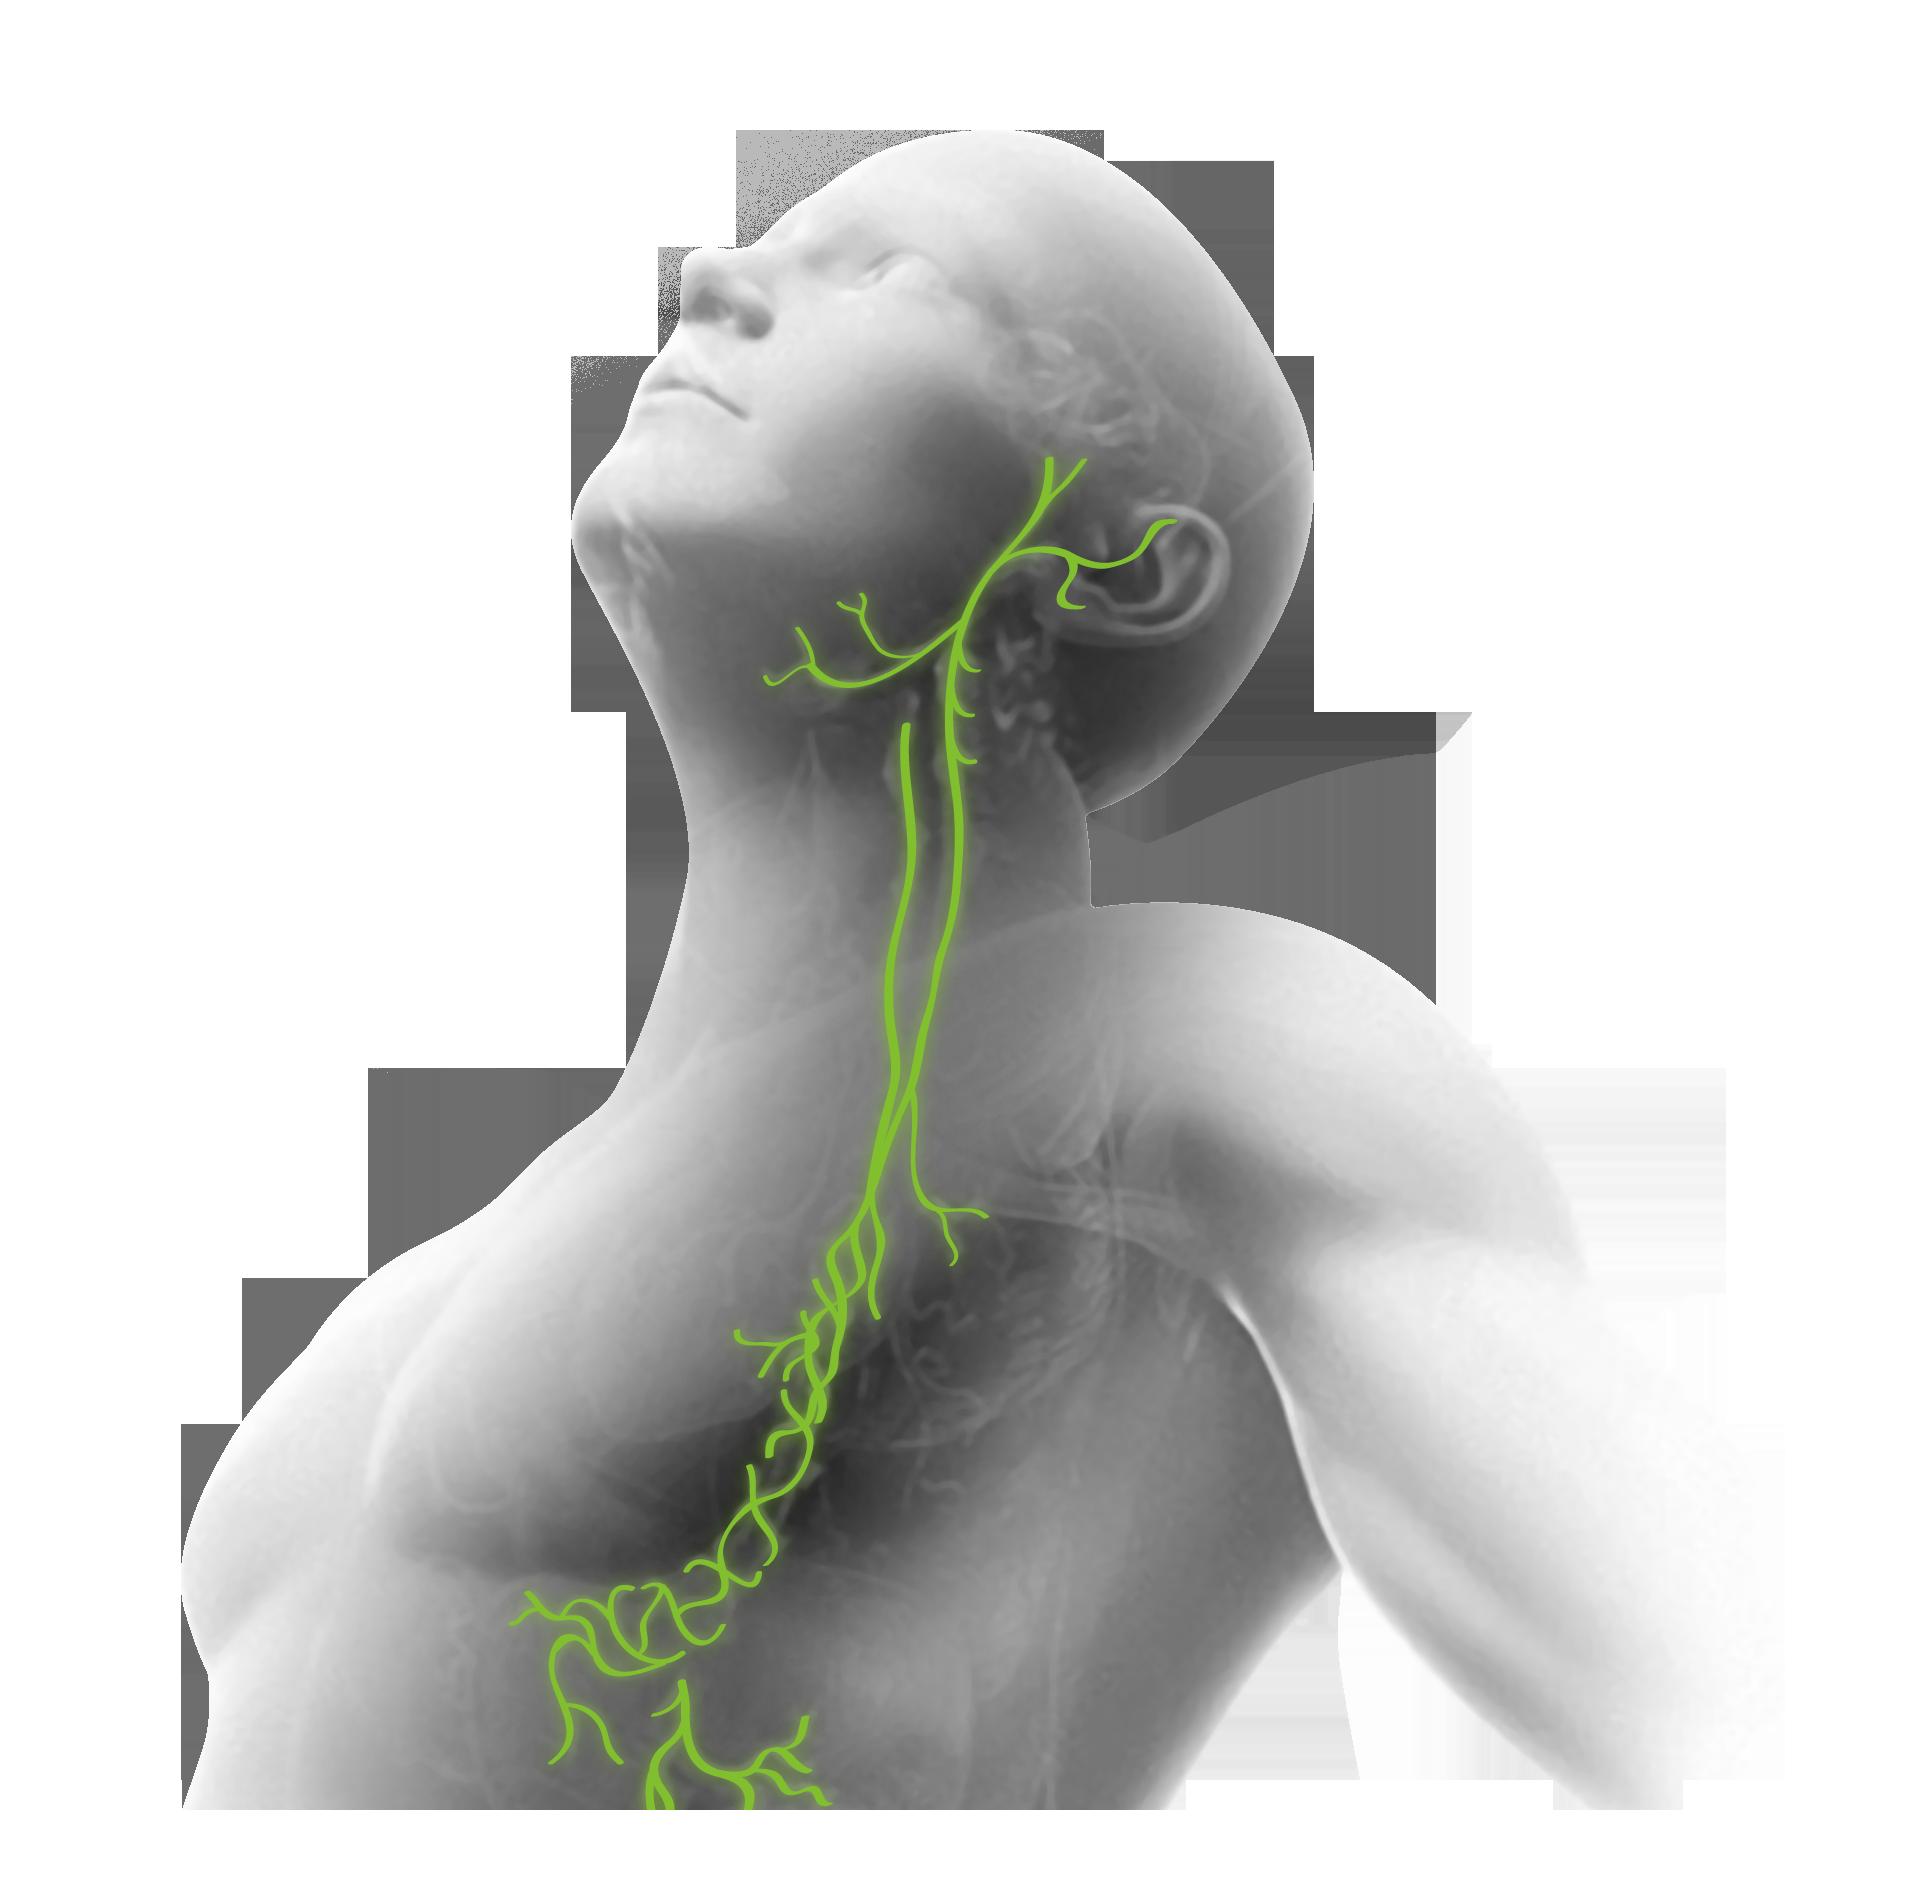 Чрескожная стимуляция блуждающего нерва